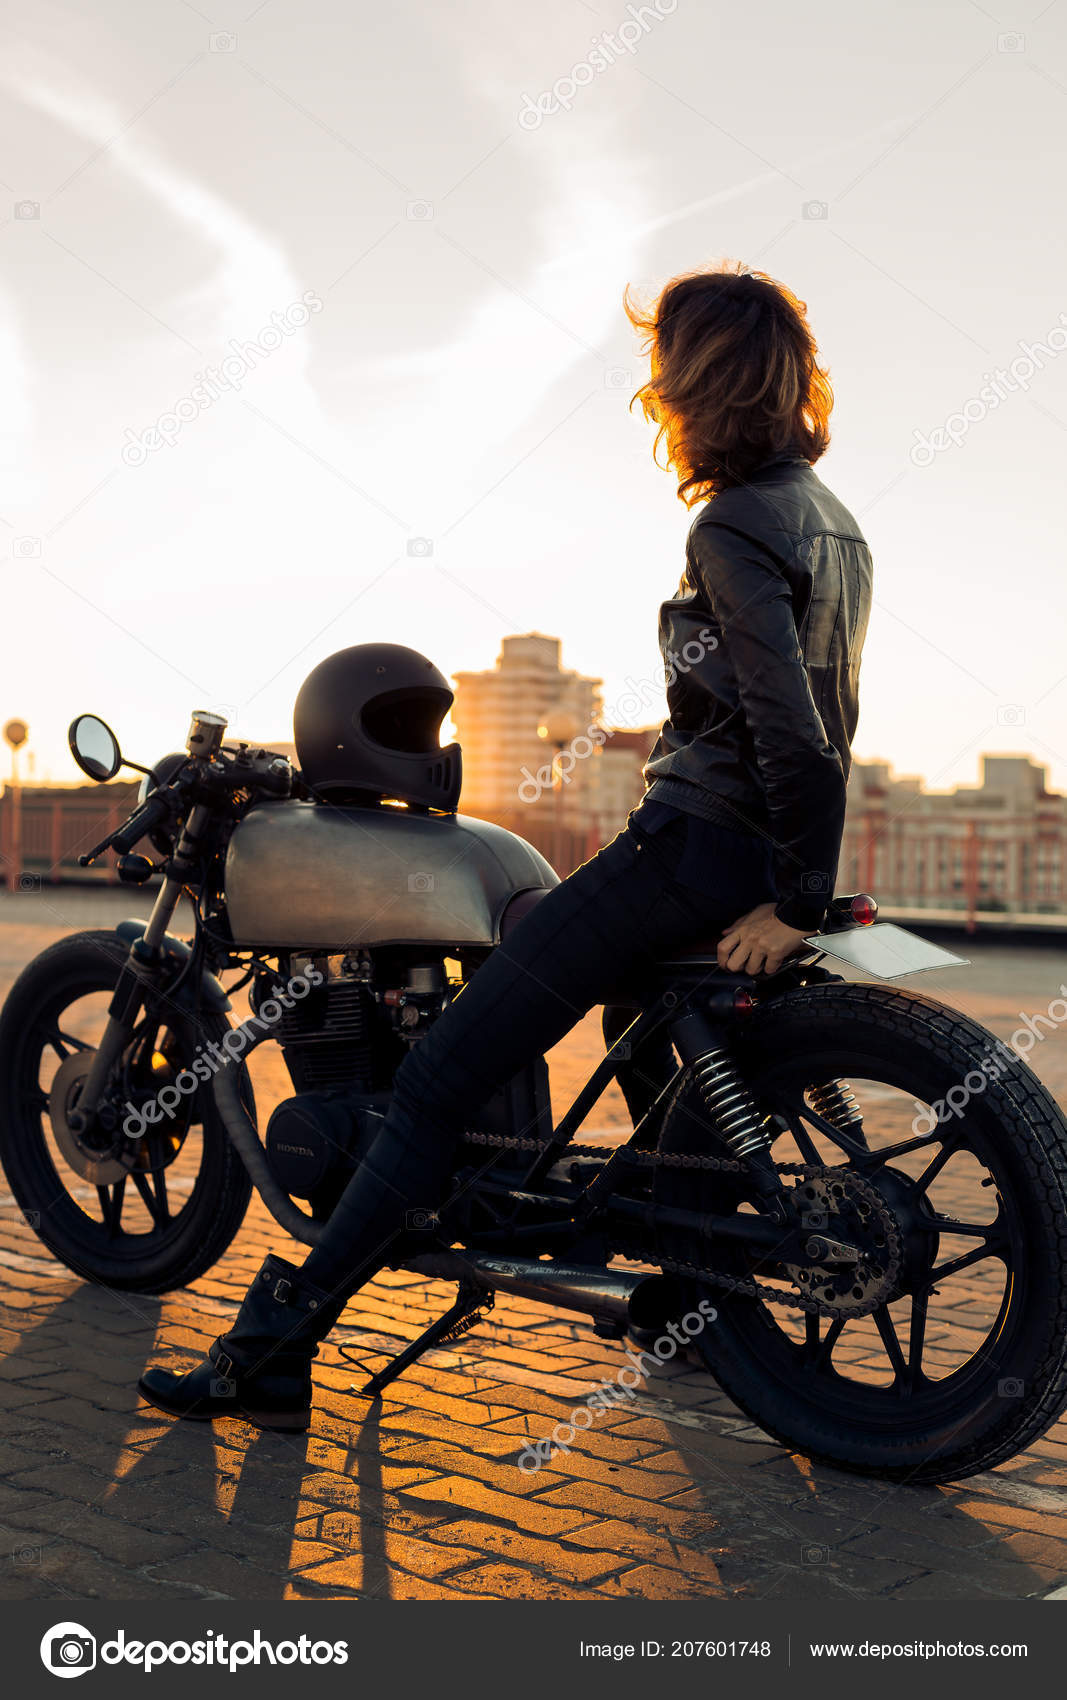 b04eb1f93c33d Femme sexy biker en blouson de cuir noir assis sur la moto vintage  caferacer personnalisé et toucher des lunettes de soleil. Parking toit  urbain, coucher de ...